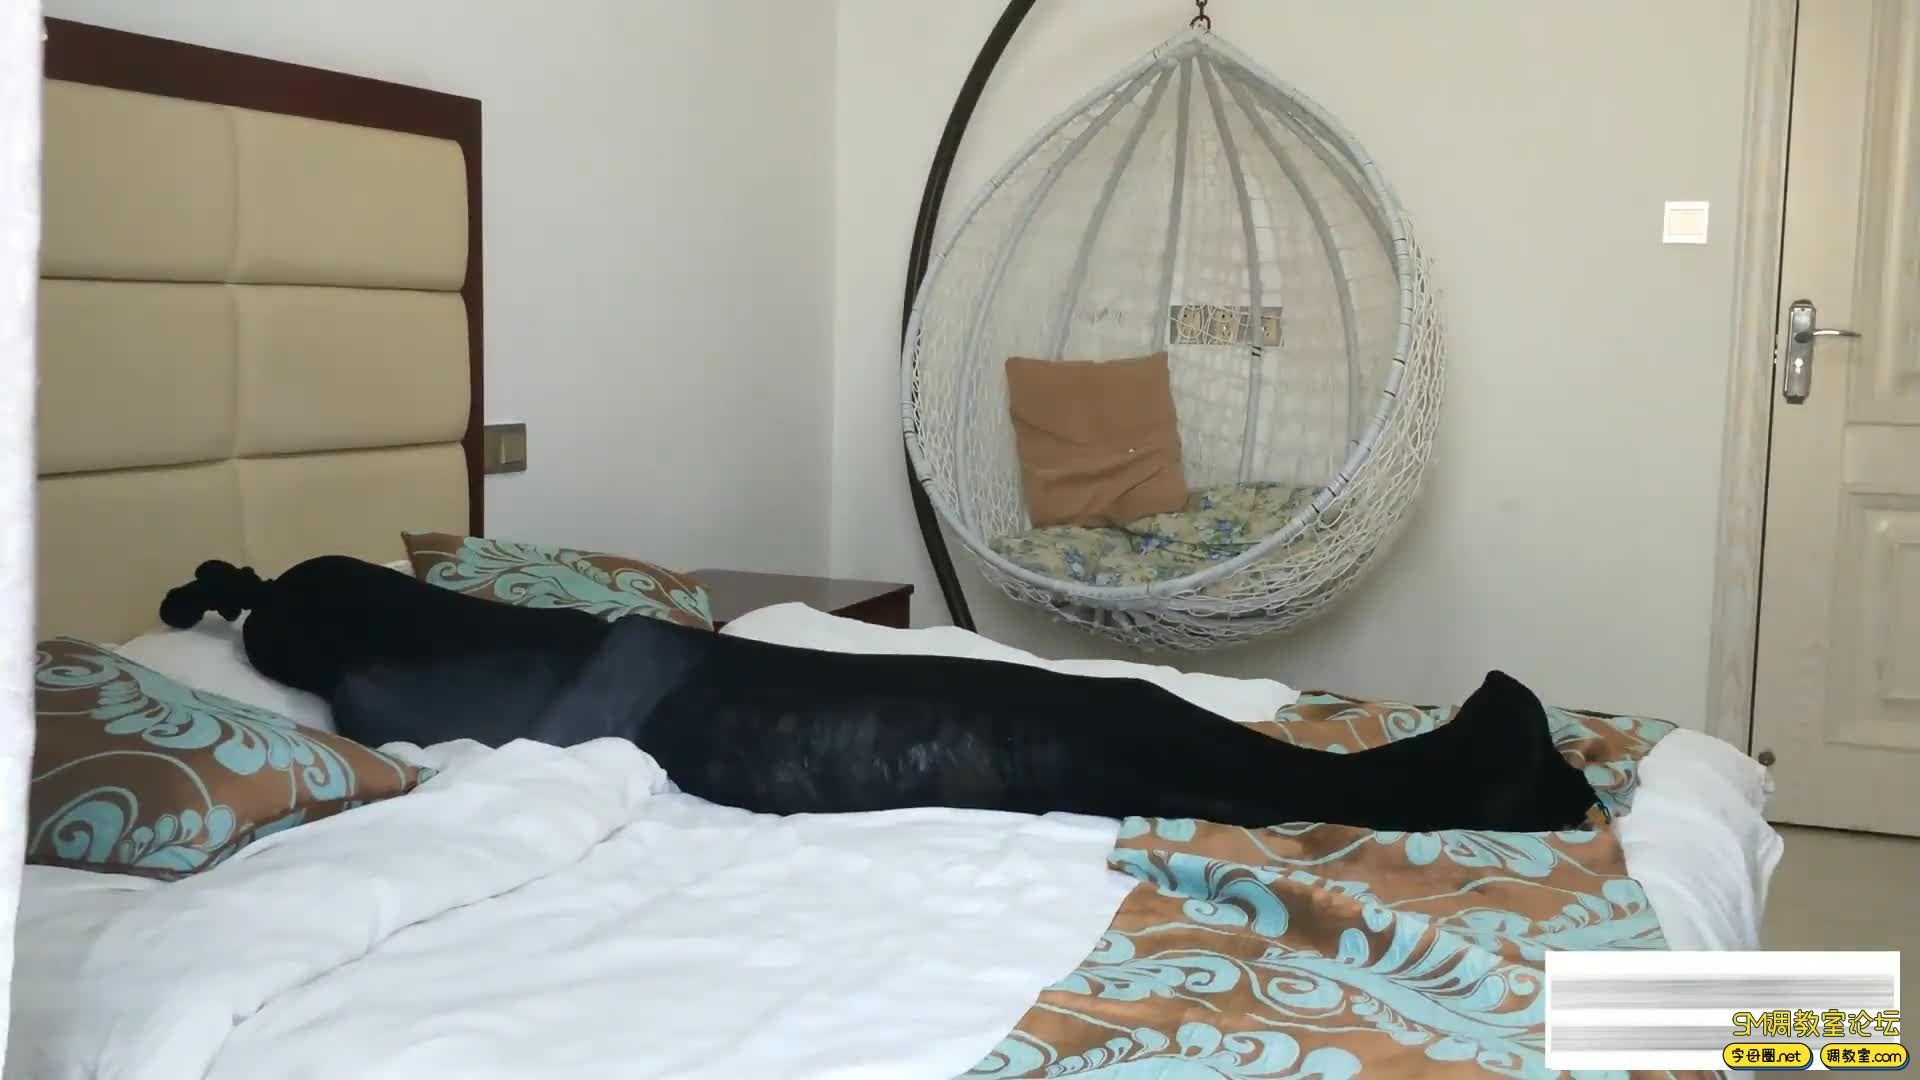 嗷大喵工作室_窒息篇-挑战十层丝袜睡袋-视频截图2